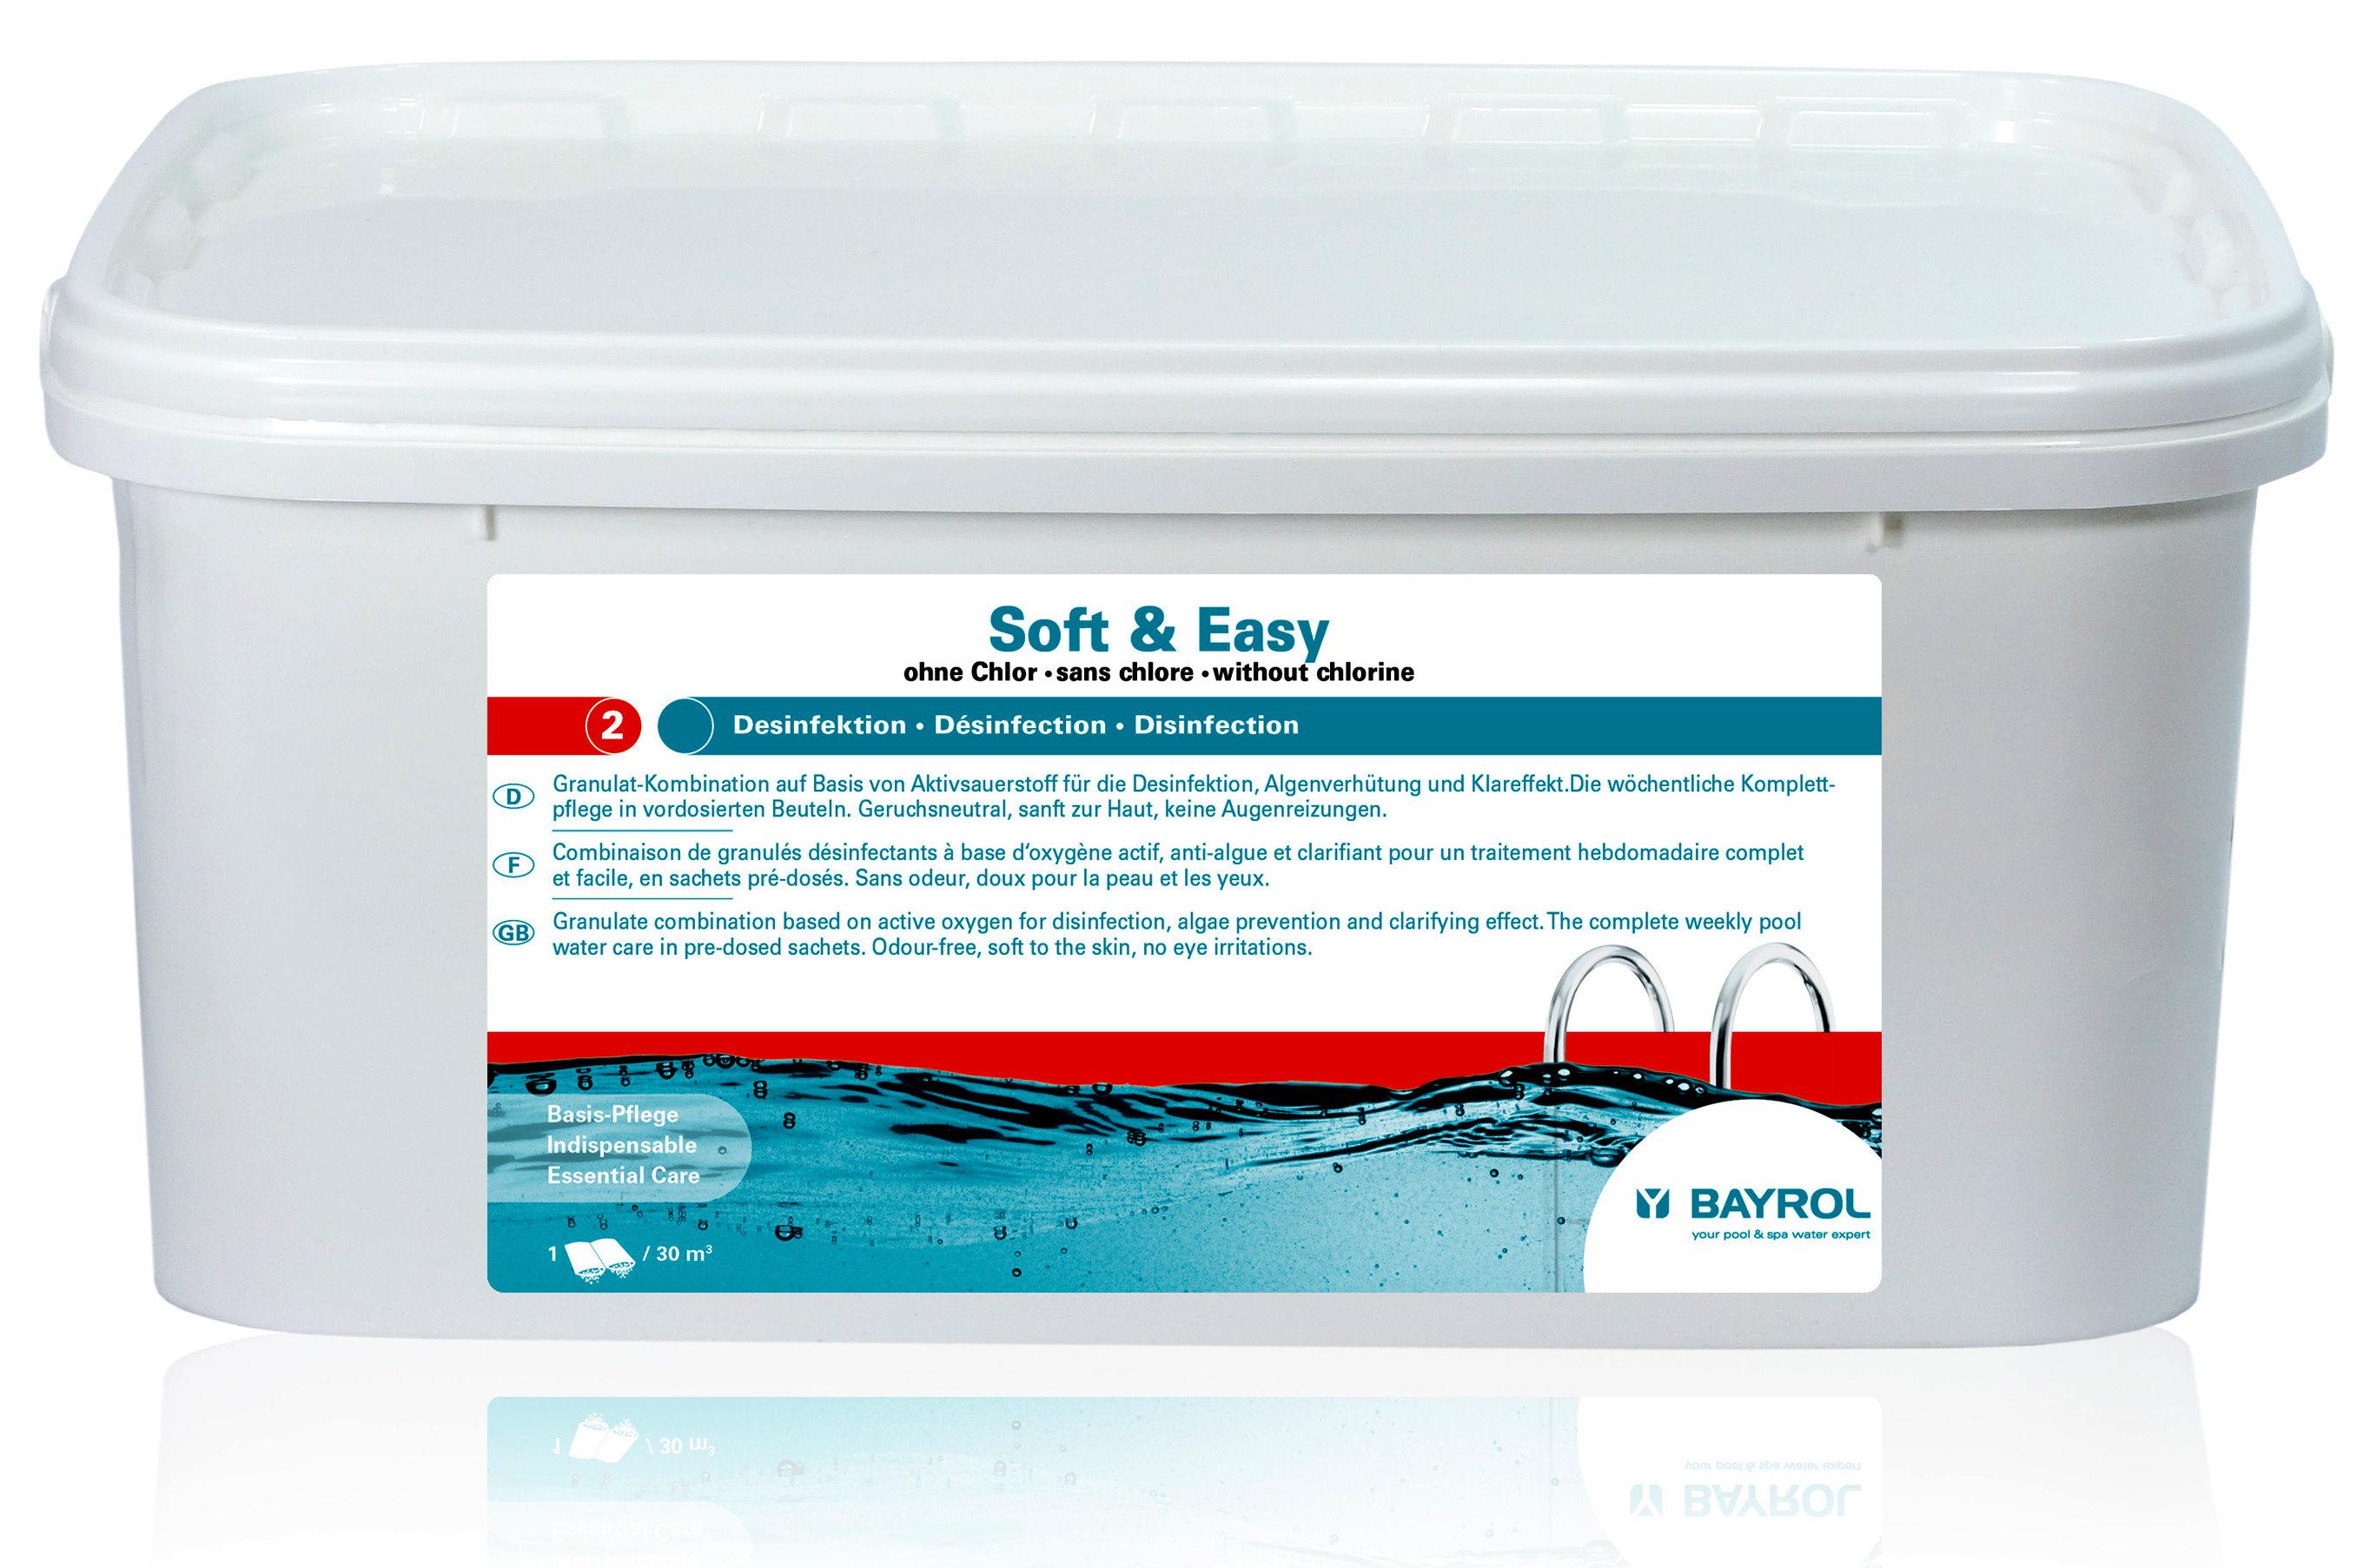 BAYROL Soft & Easy 2,24 kg - 20 m³